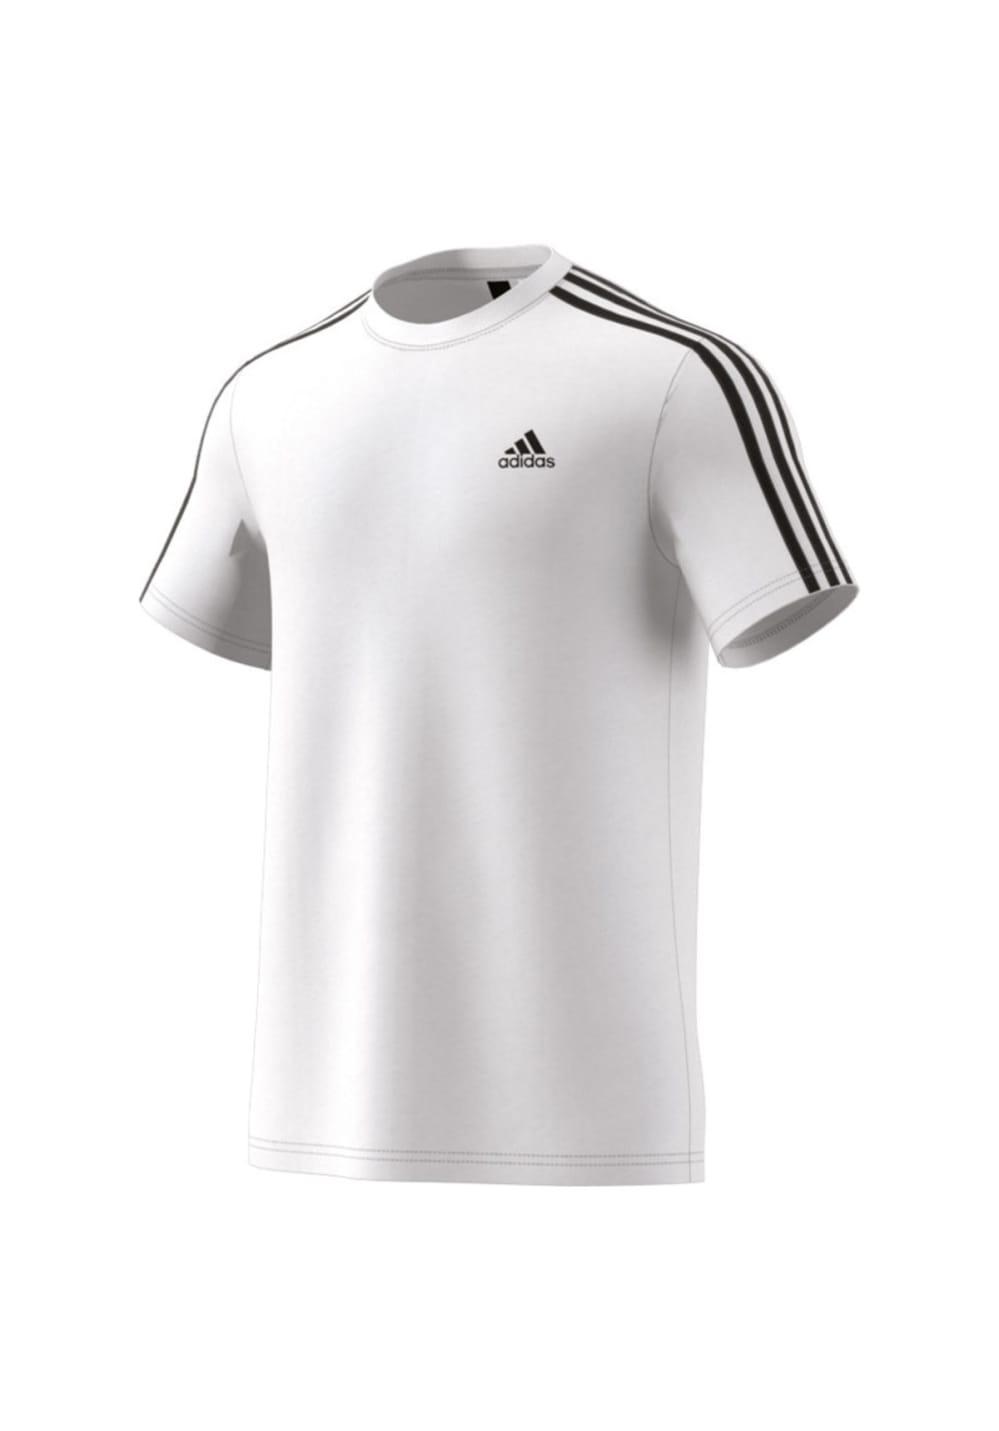 adidas Essentials 3 Stripes Tee - Laufshirts für Herren - Weiß